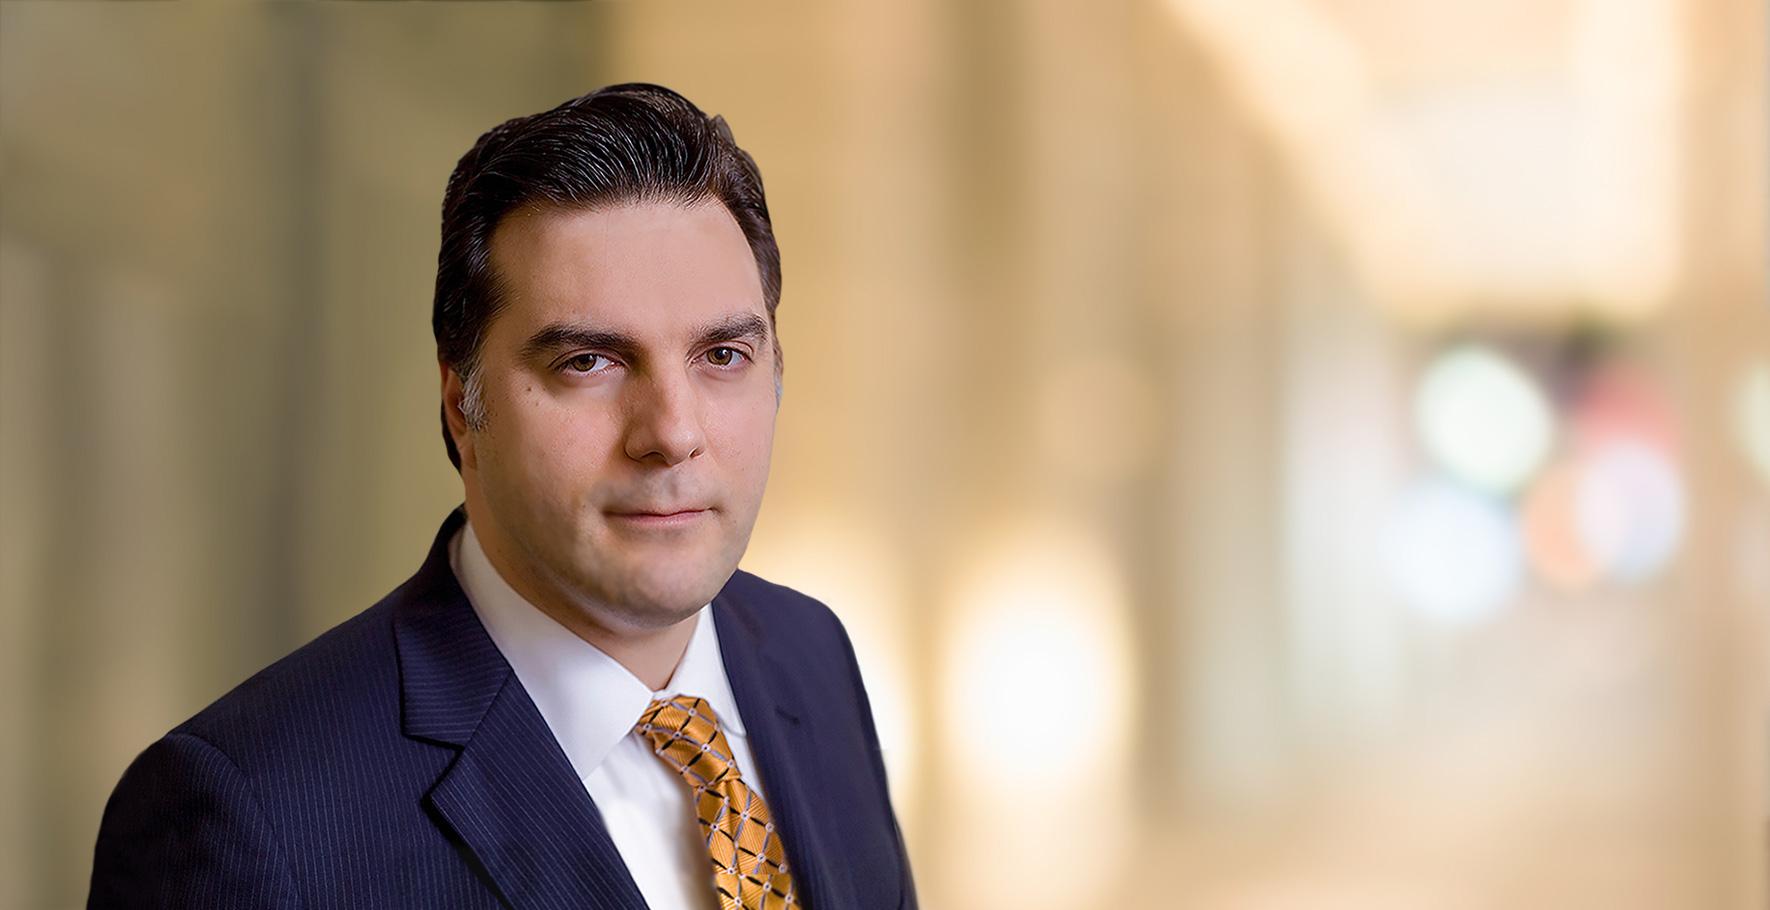 Uluslararası Hukuk Uzmanı Türk Avukat Francis Boyer Amerika Vizesi Yatırım Göçmenlik Veraset